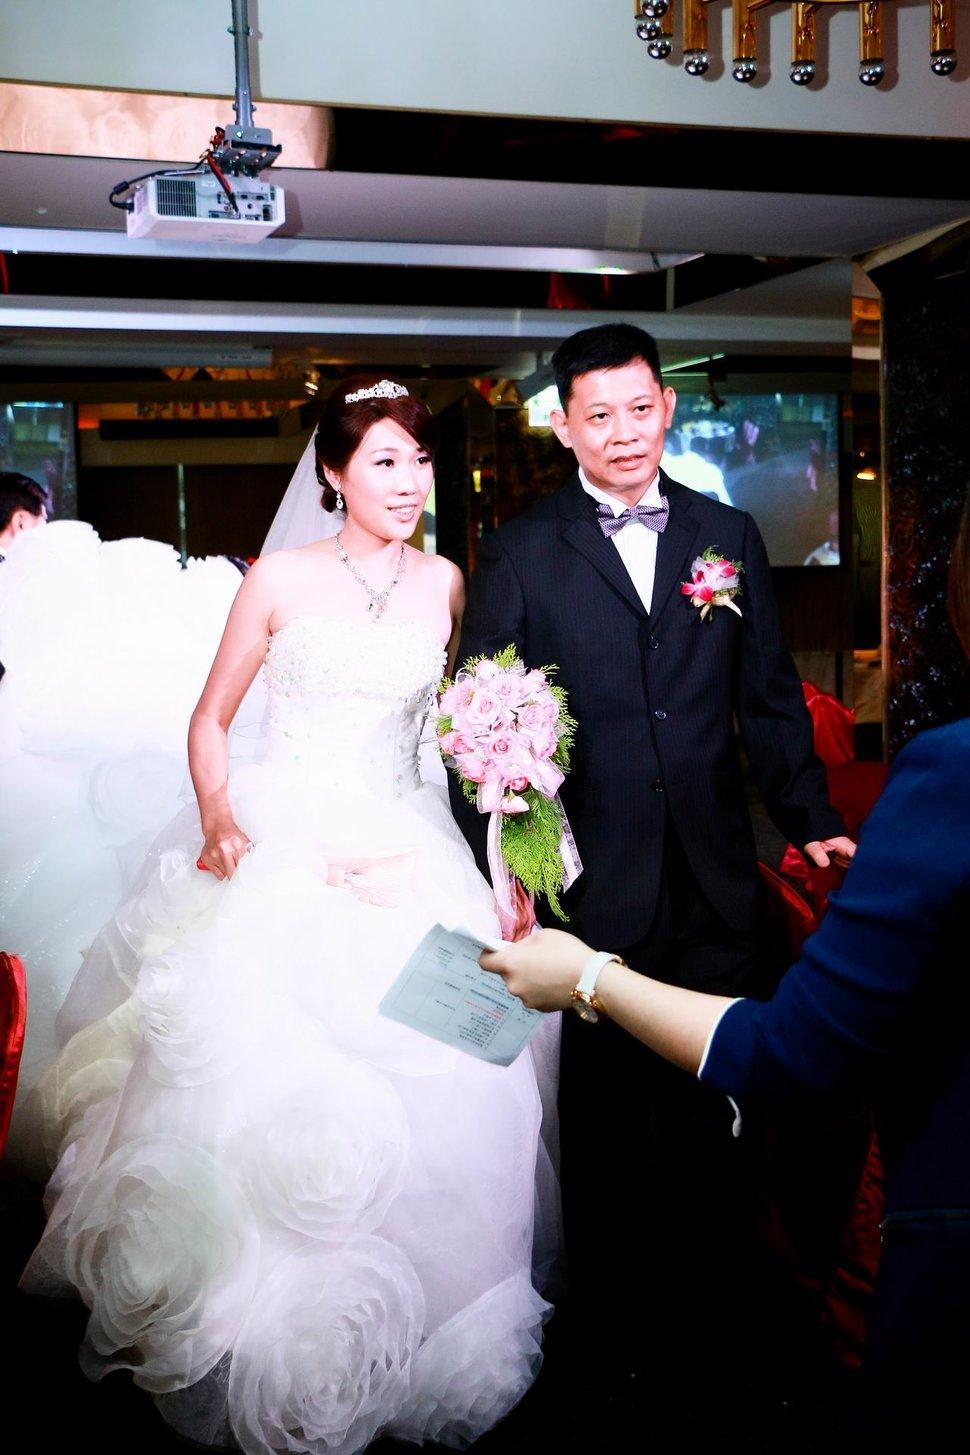 板橋吉立定結餐廳迎娶文定婚禮記錄結婚迎娶婚禮攝影動態微電影錄影專業錄影平面攝影影婚禮主持人(編號:197038) - 蜜月拍照10800錄影12800攝影團隊 - 結婚吧